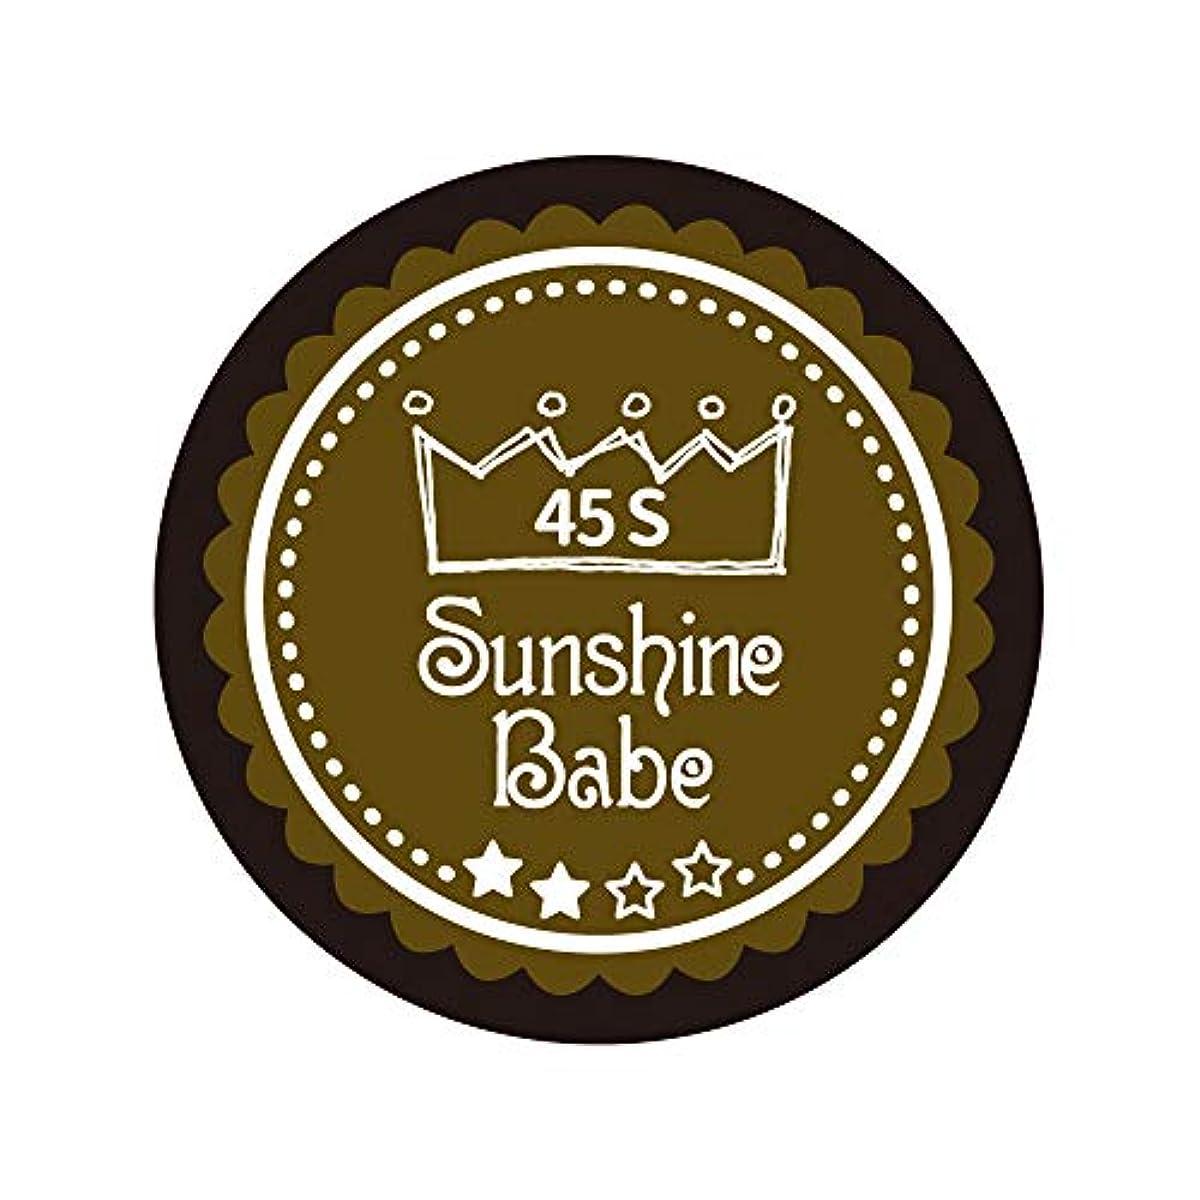 夜ソース粗いSunshine Babe カラージェル 45S マティーニオリーブ 2.7g UV/LED対応